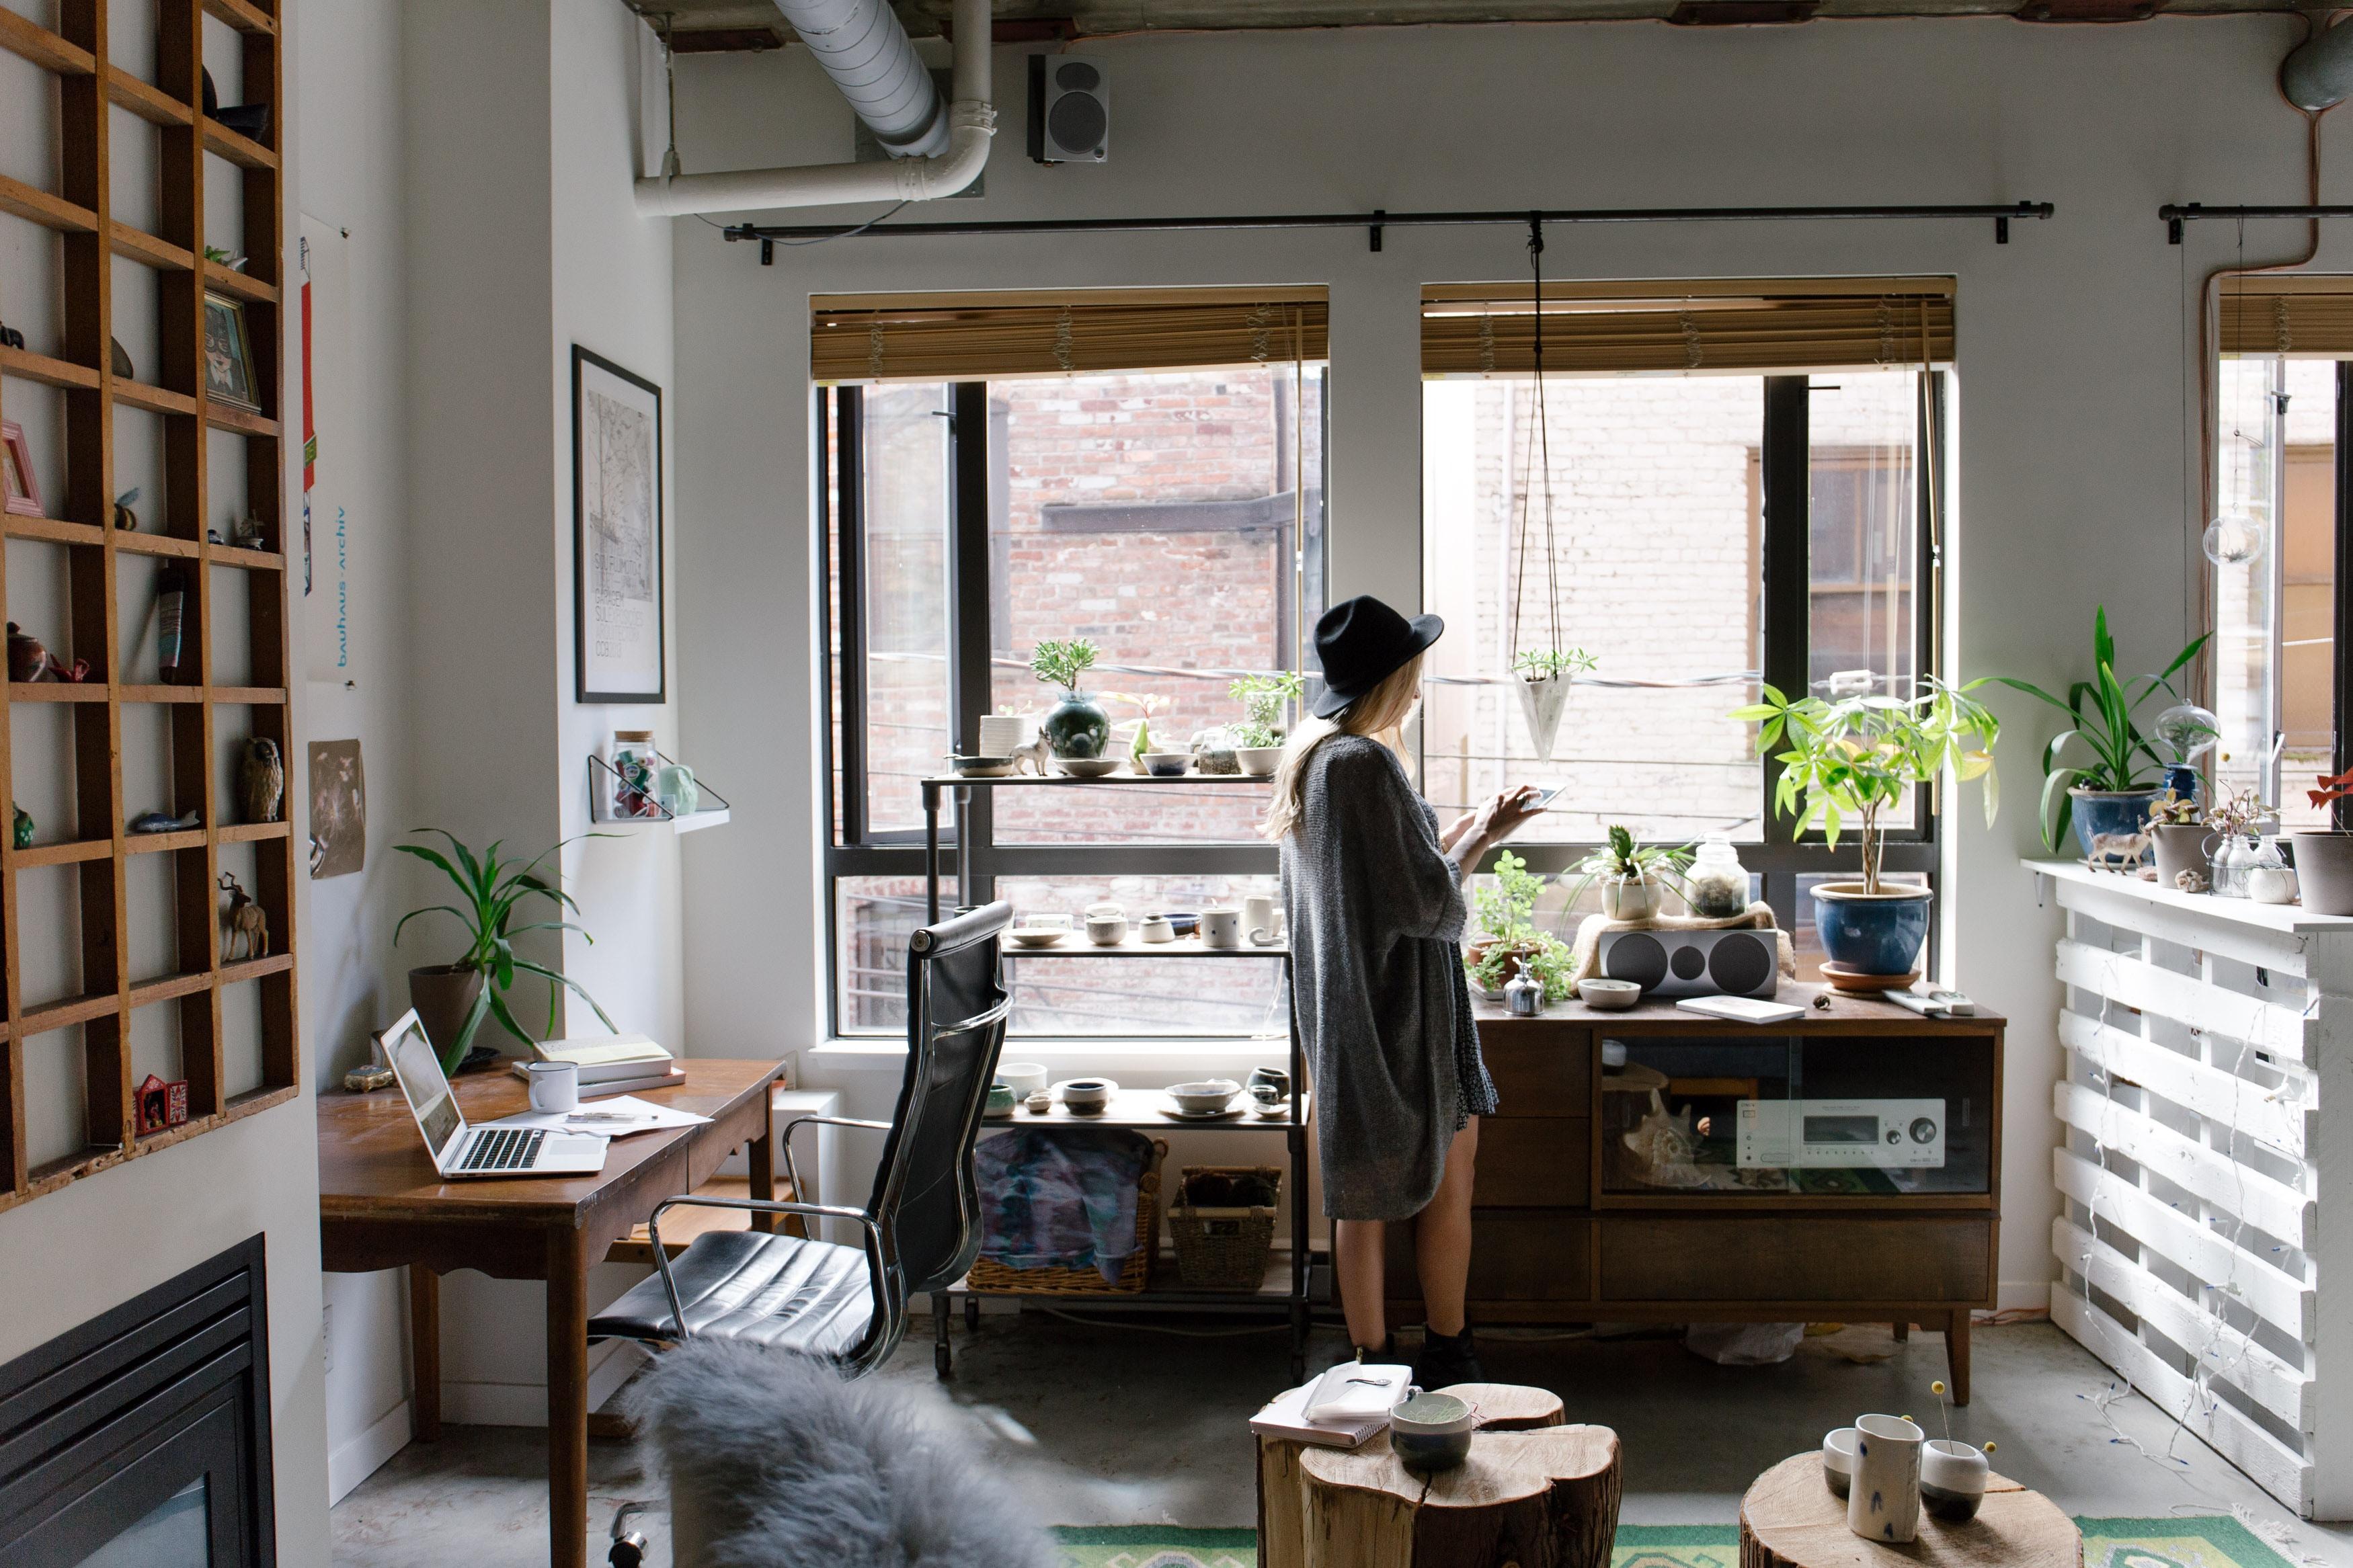 Casa, l'interno di un piccolo appartamento